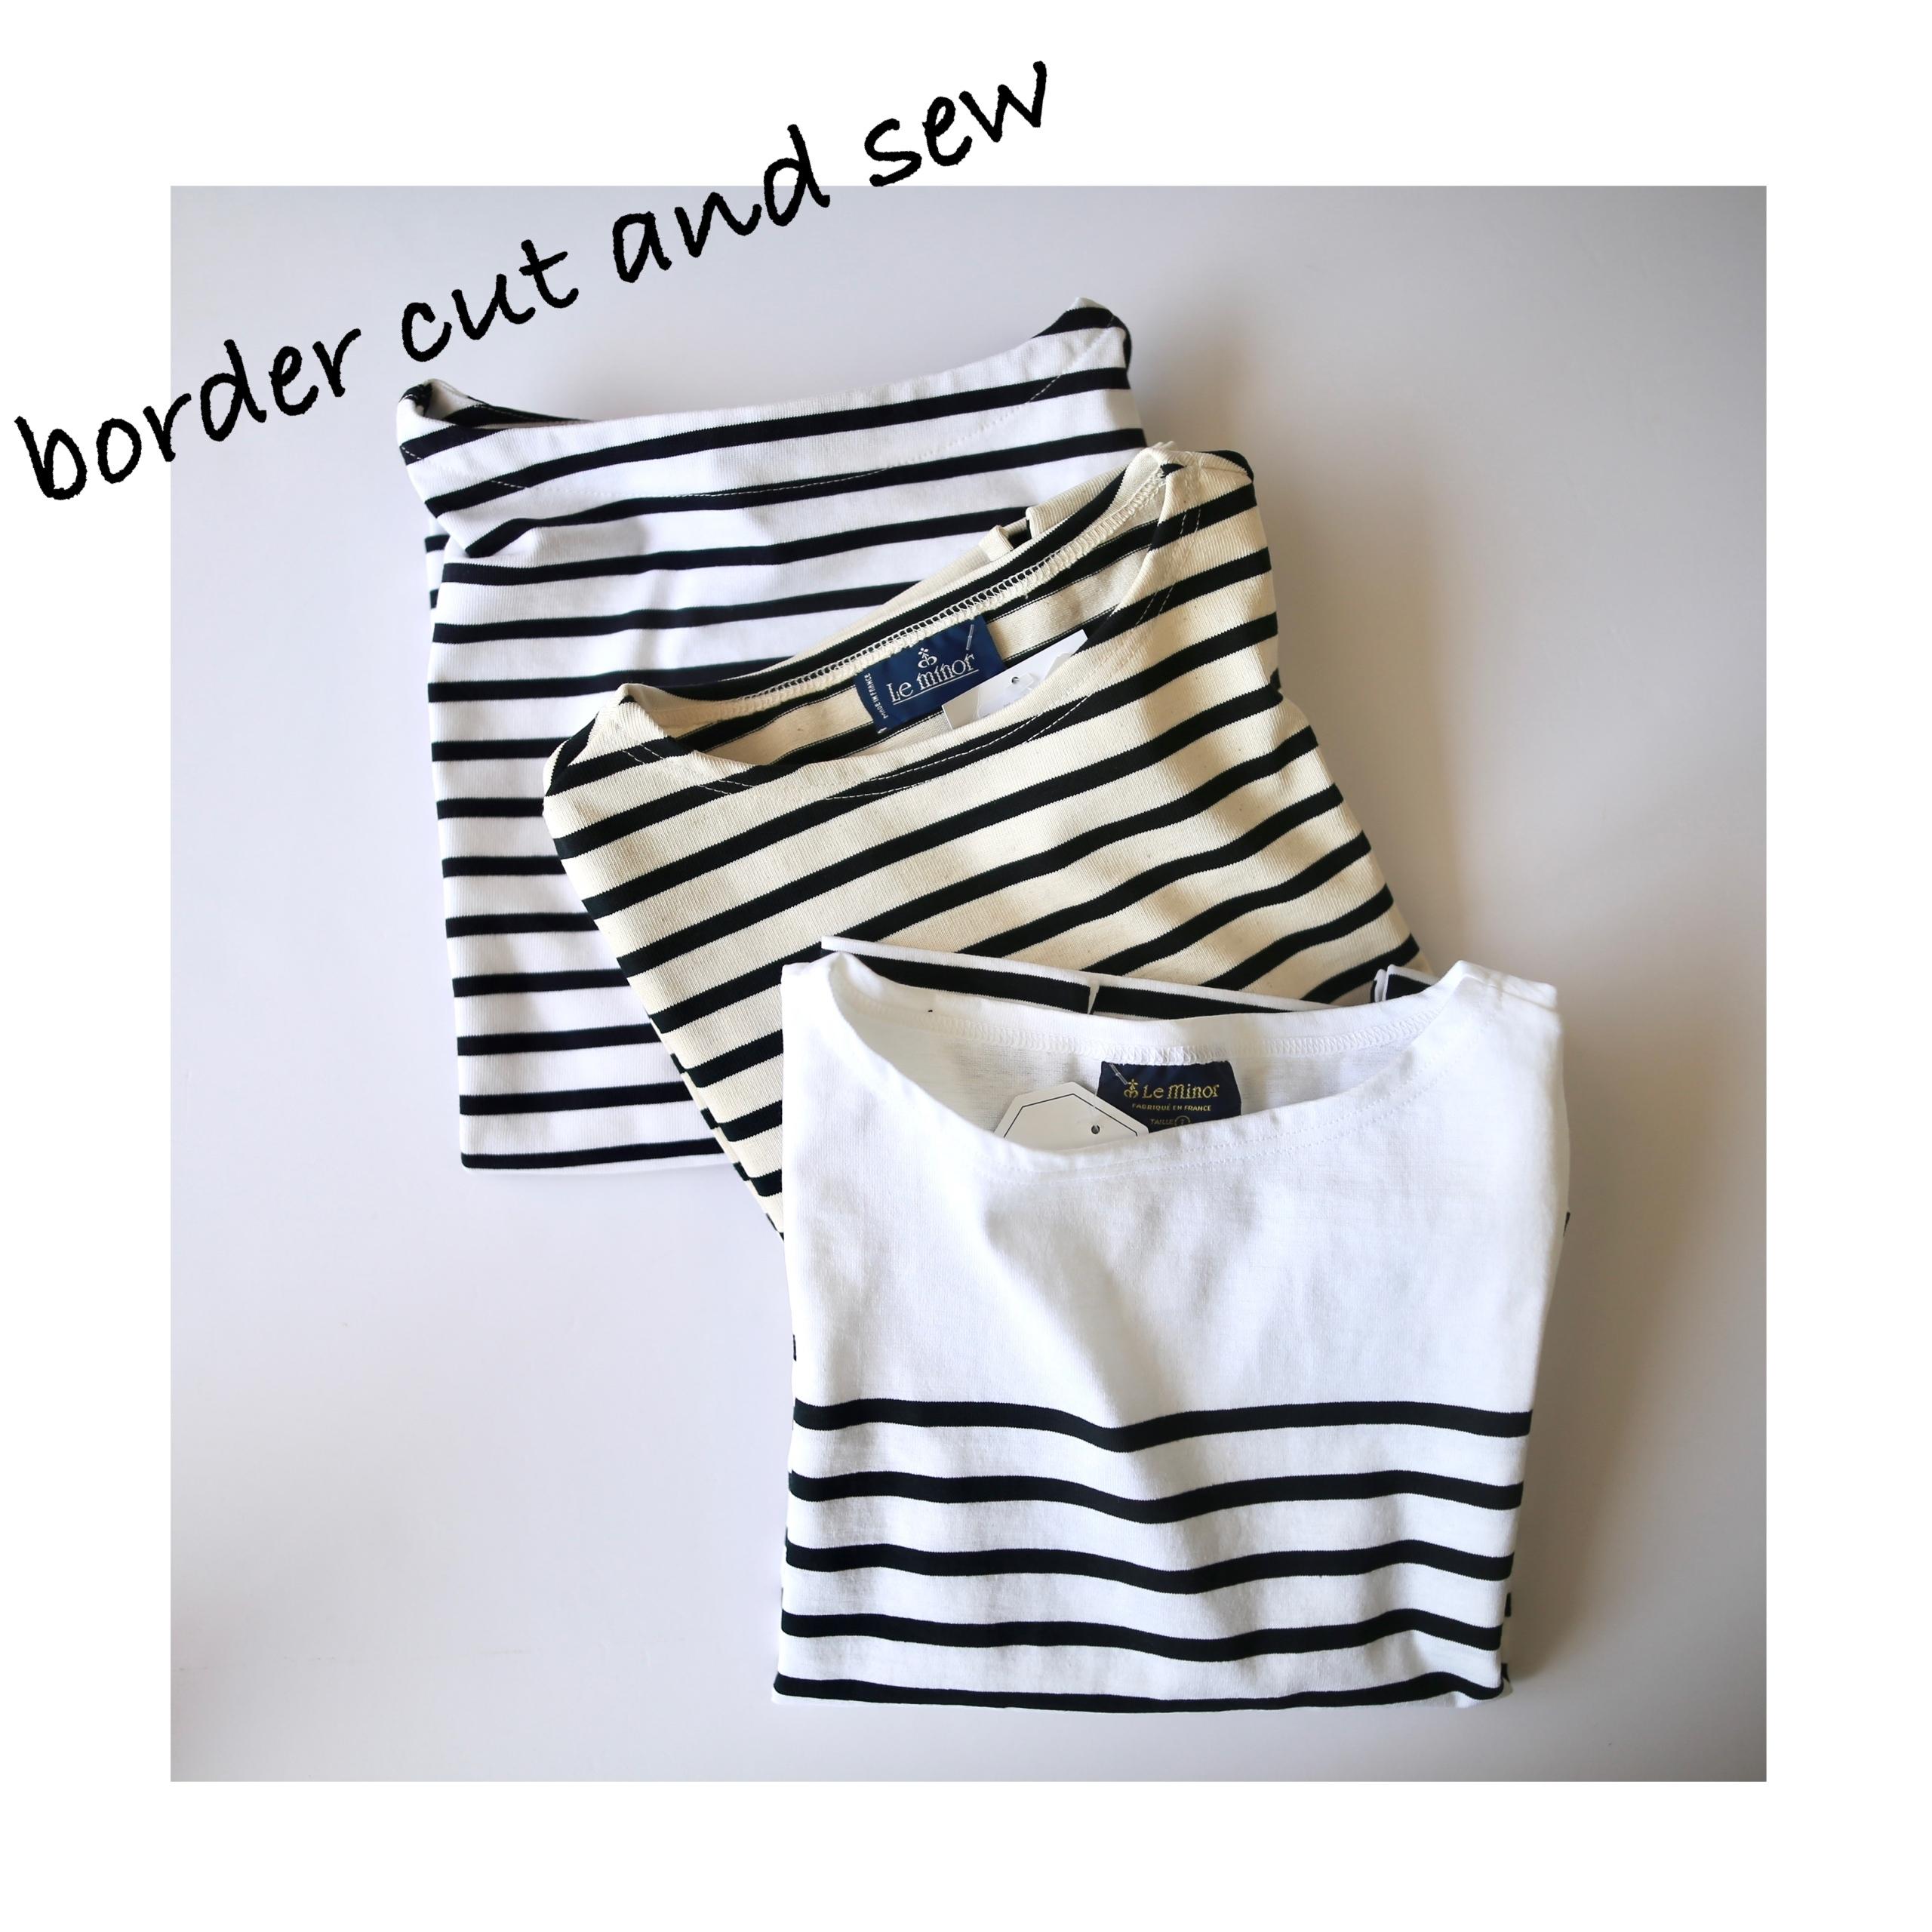 ボーダー Leminor traditionalweatherwear